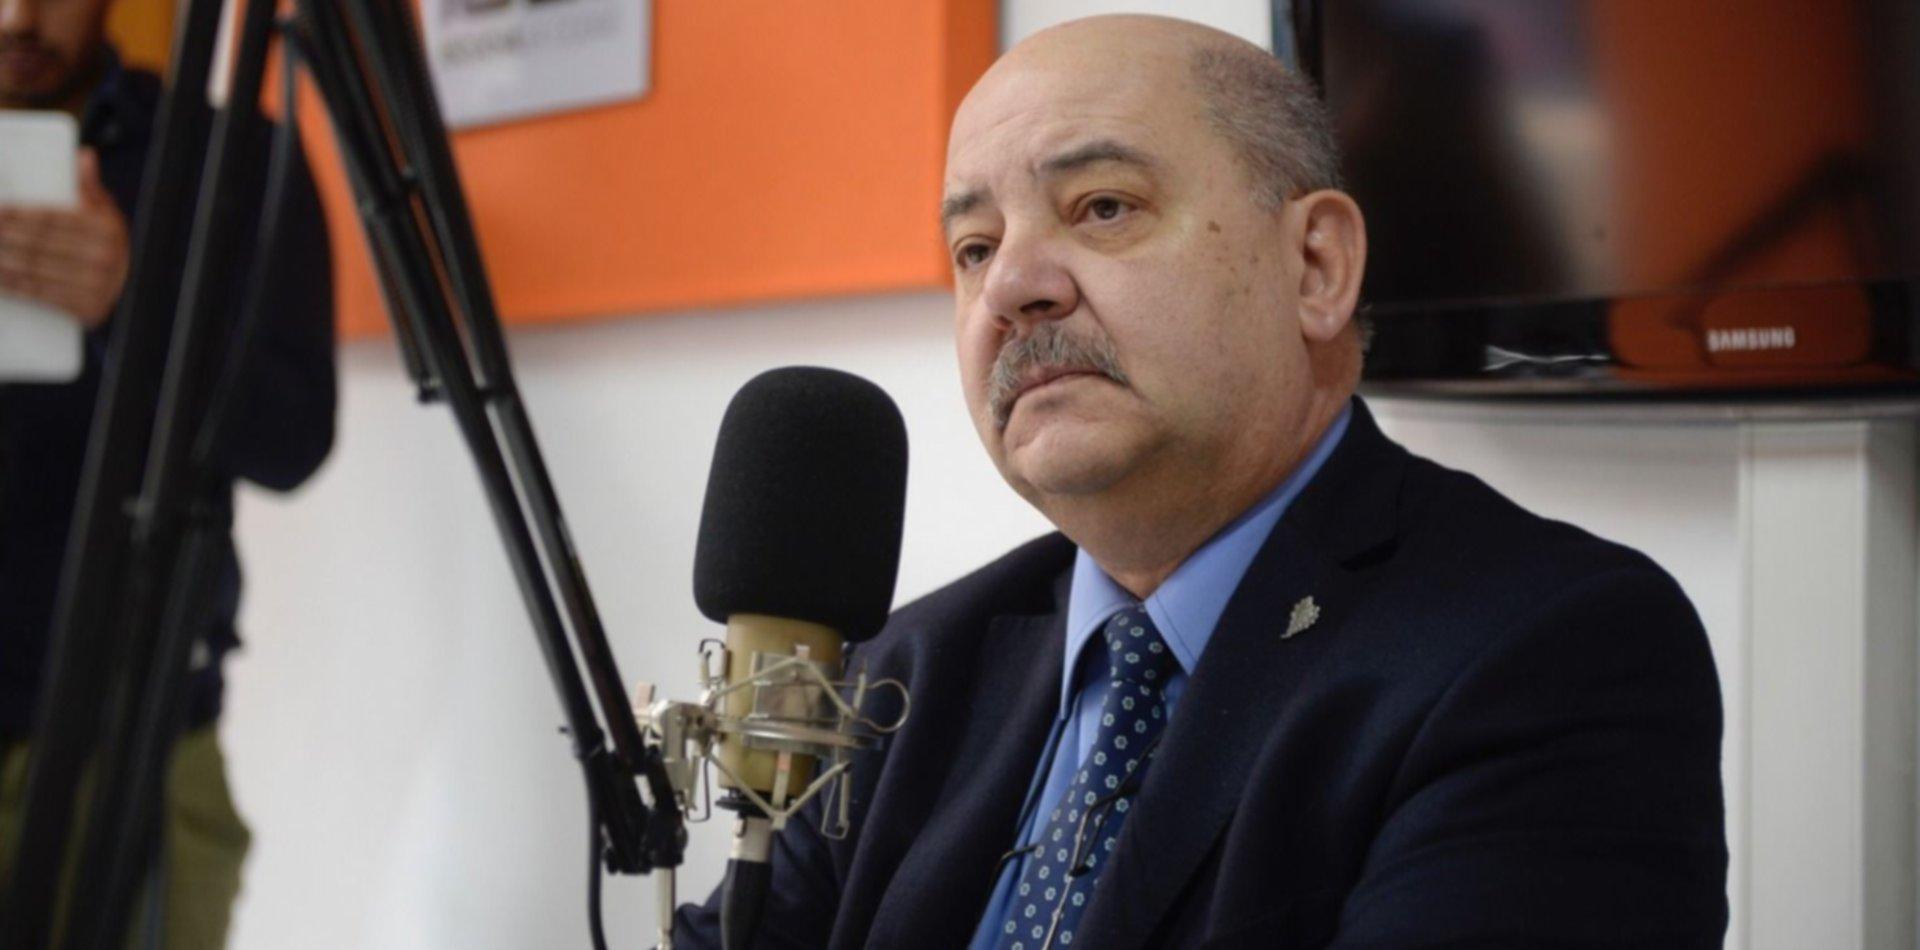 El presidente de la UNLP Fernando Tauber habló sobre el coronavirus y la  vuelta a clases | 0221